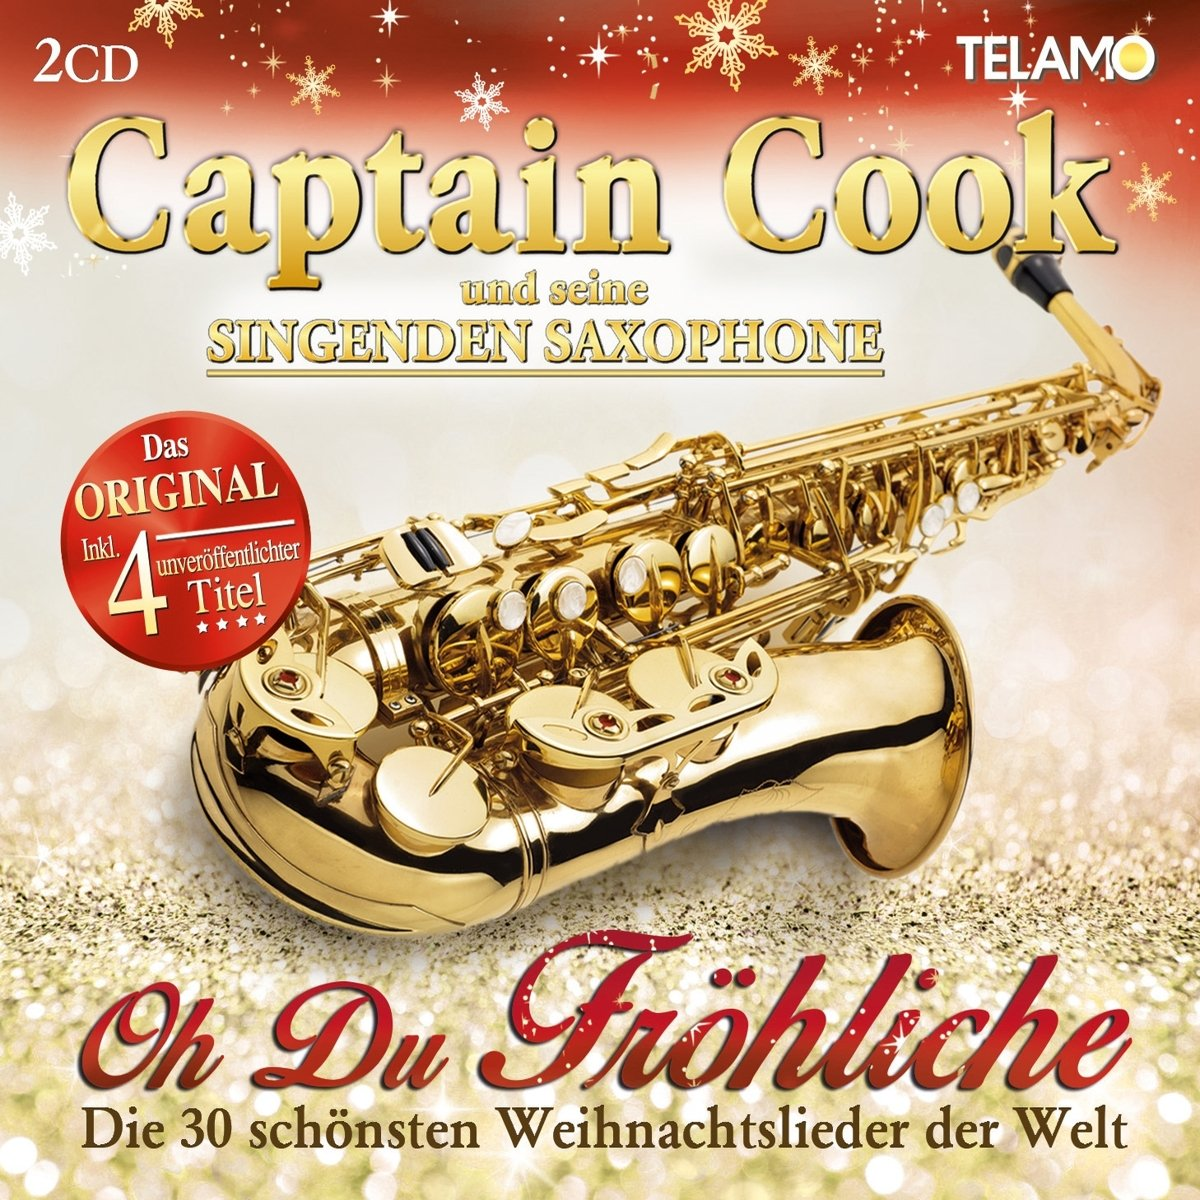 Oh du Fröhliche-die 30 Schönsten Weihnachtslieder - Captain Cook und ...